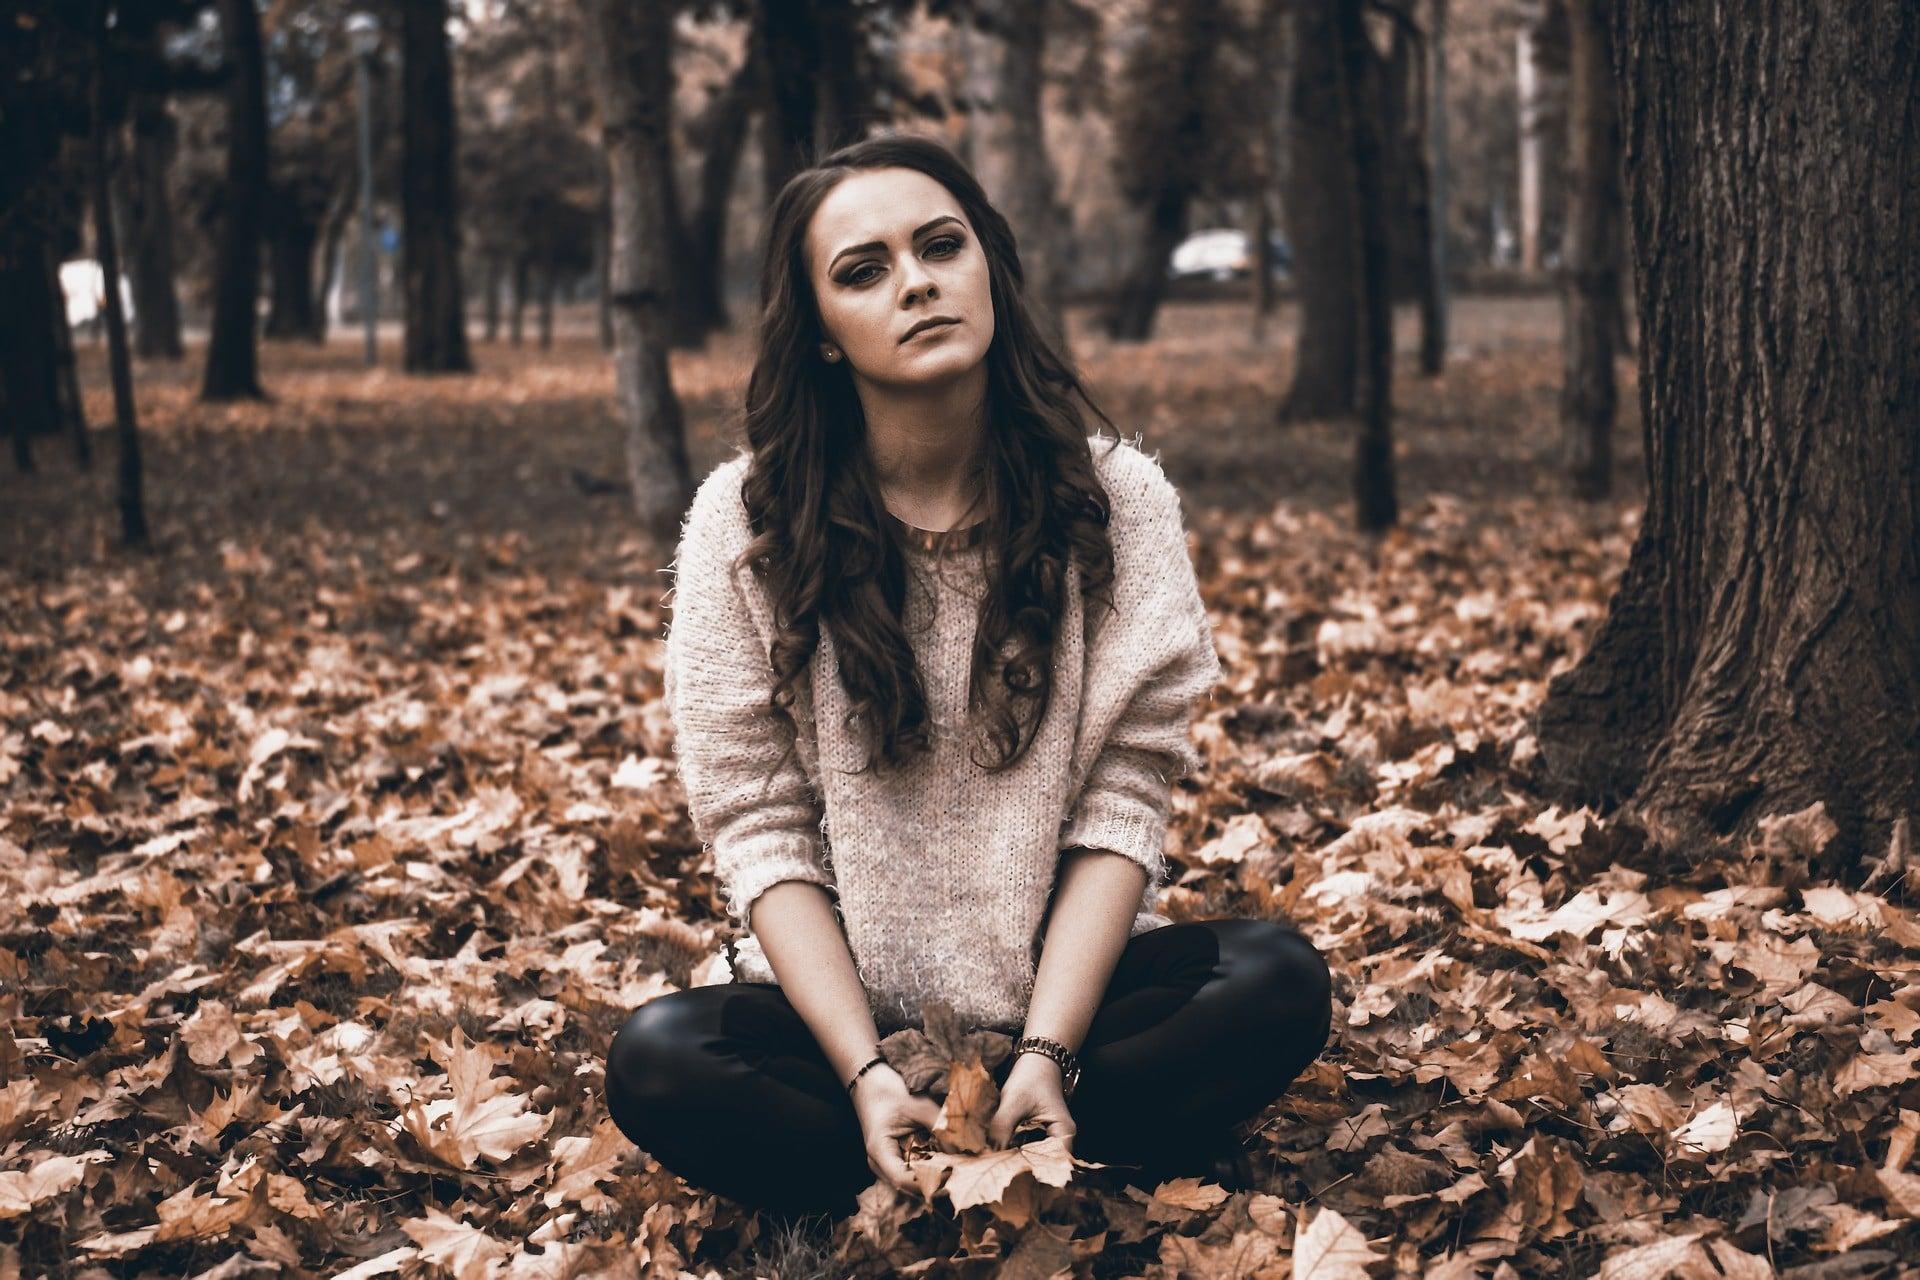 Trauerschmuck | Traurige Frau